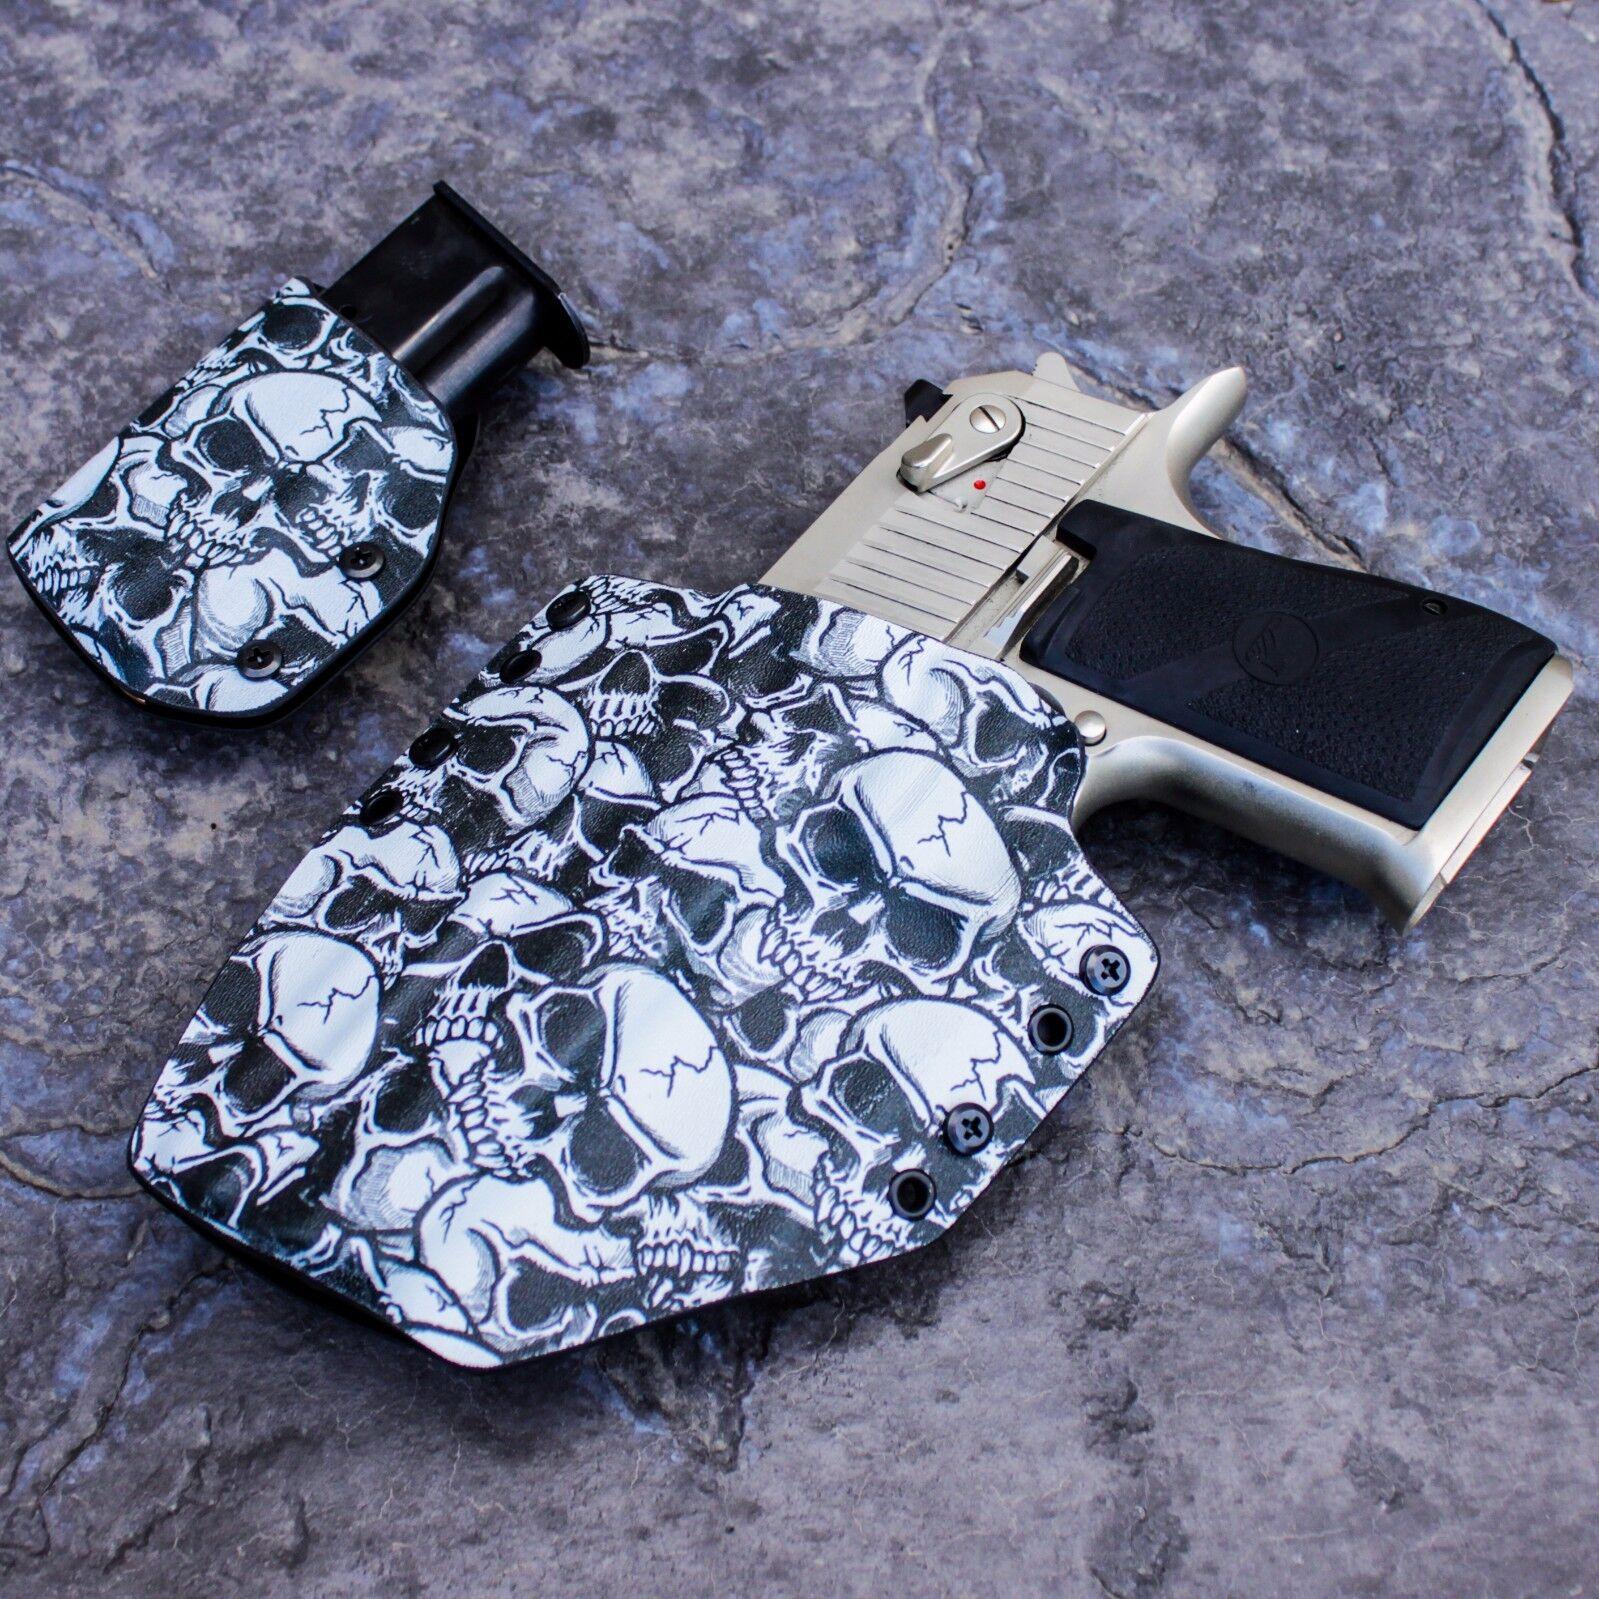 GMI Fundas-Desert Eagle con diseño impreso de cráneo